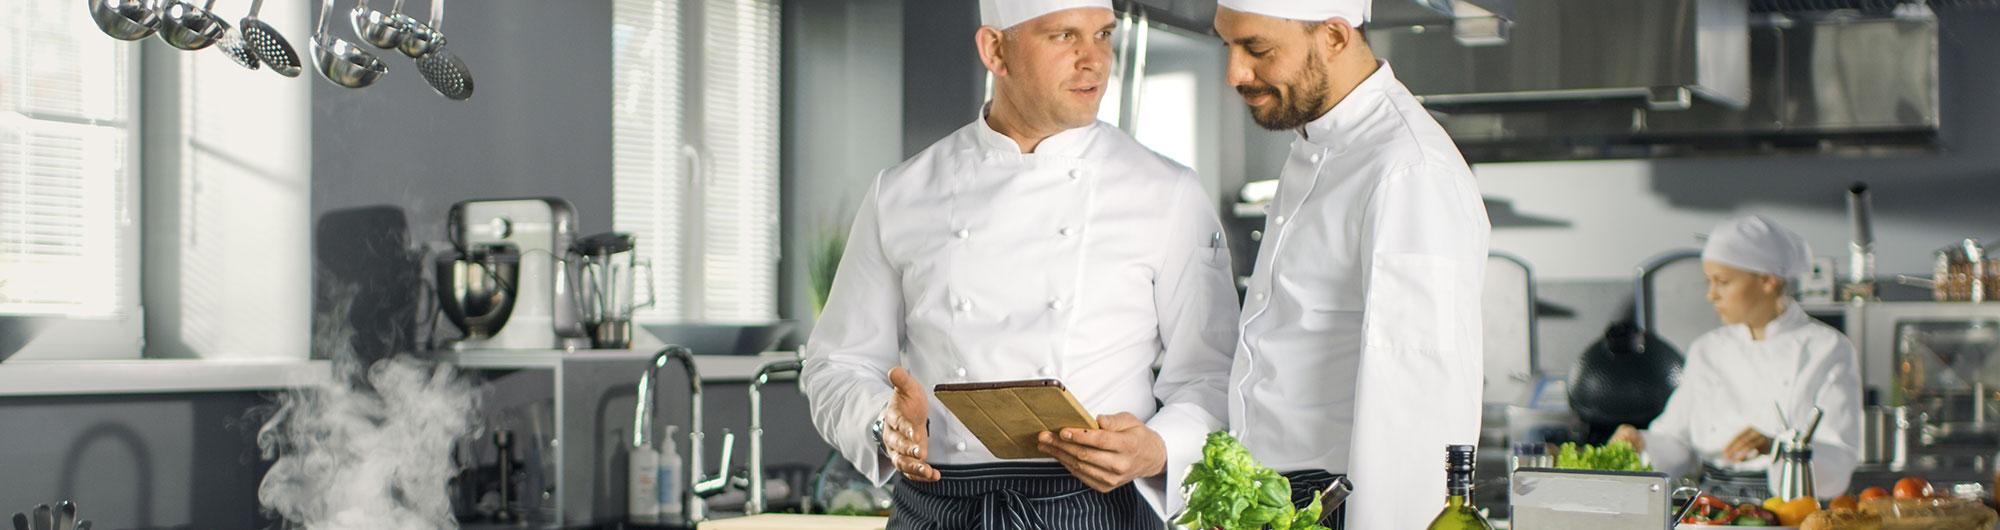 Köche besprechen Menükarte in großer Küche